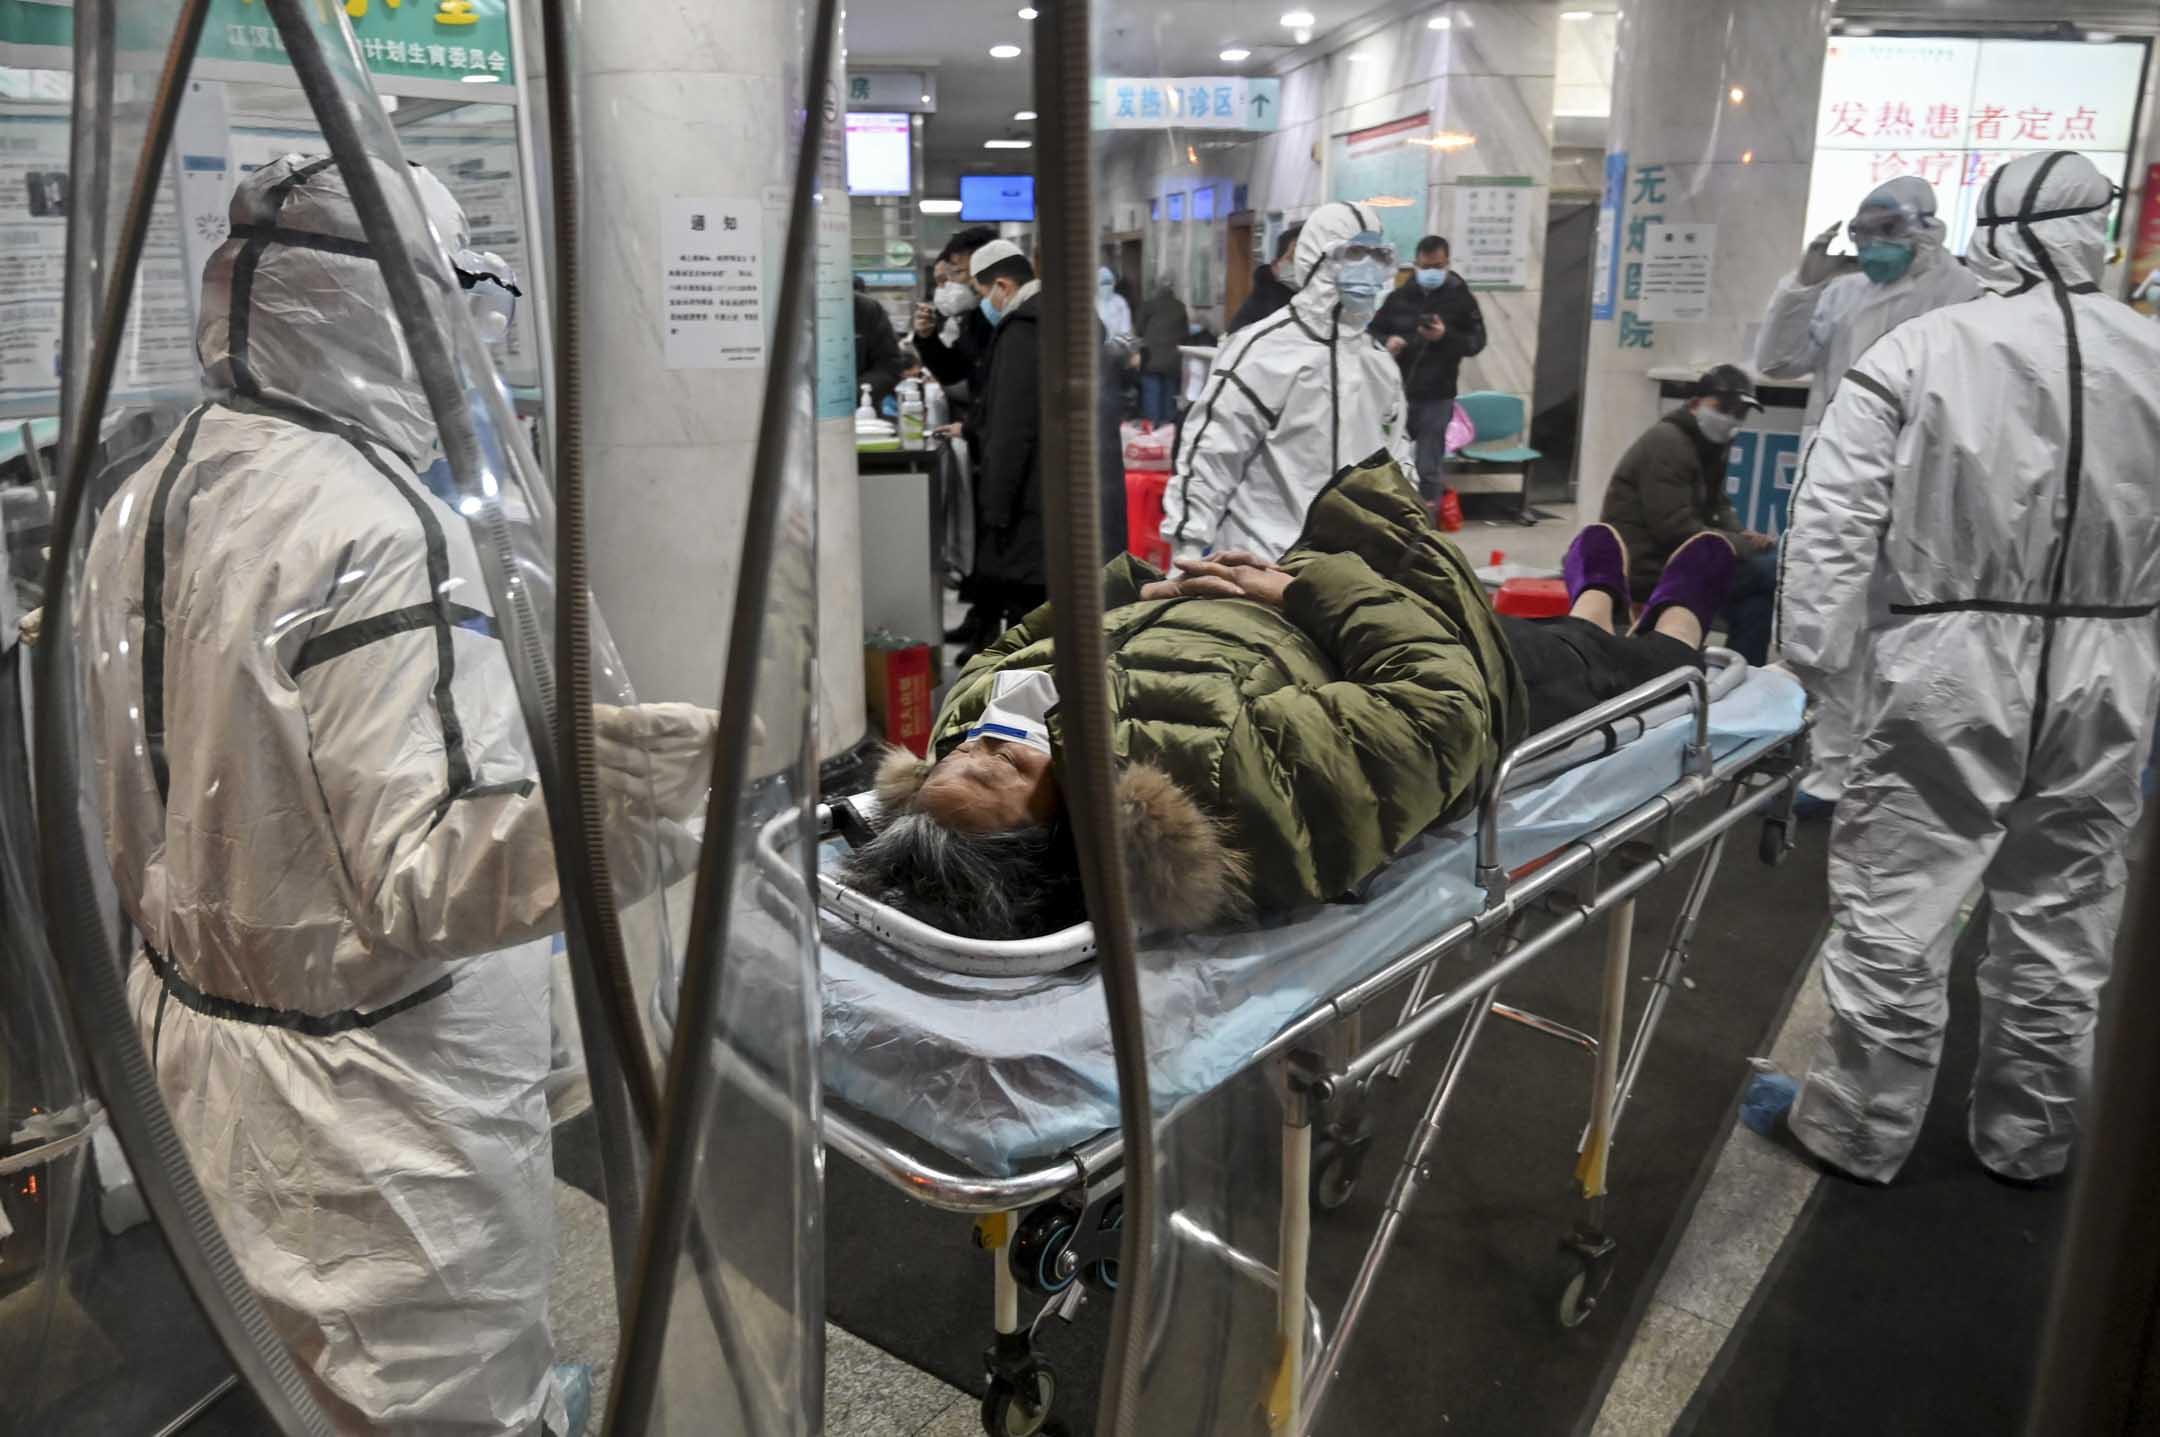 2020年1月25日,一名病人到達武漢市紅十字會醫院,由穿上防護衣的醫務人員帶進醫院。